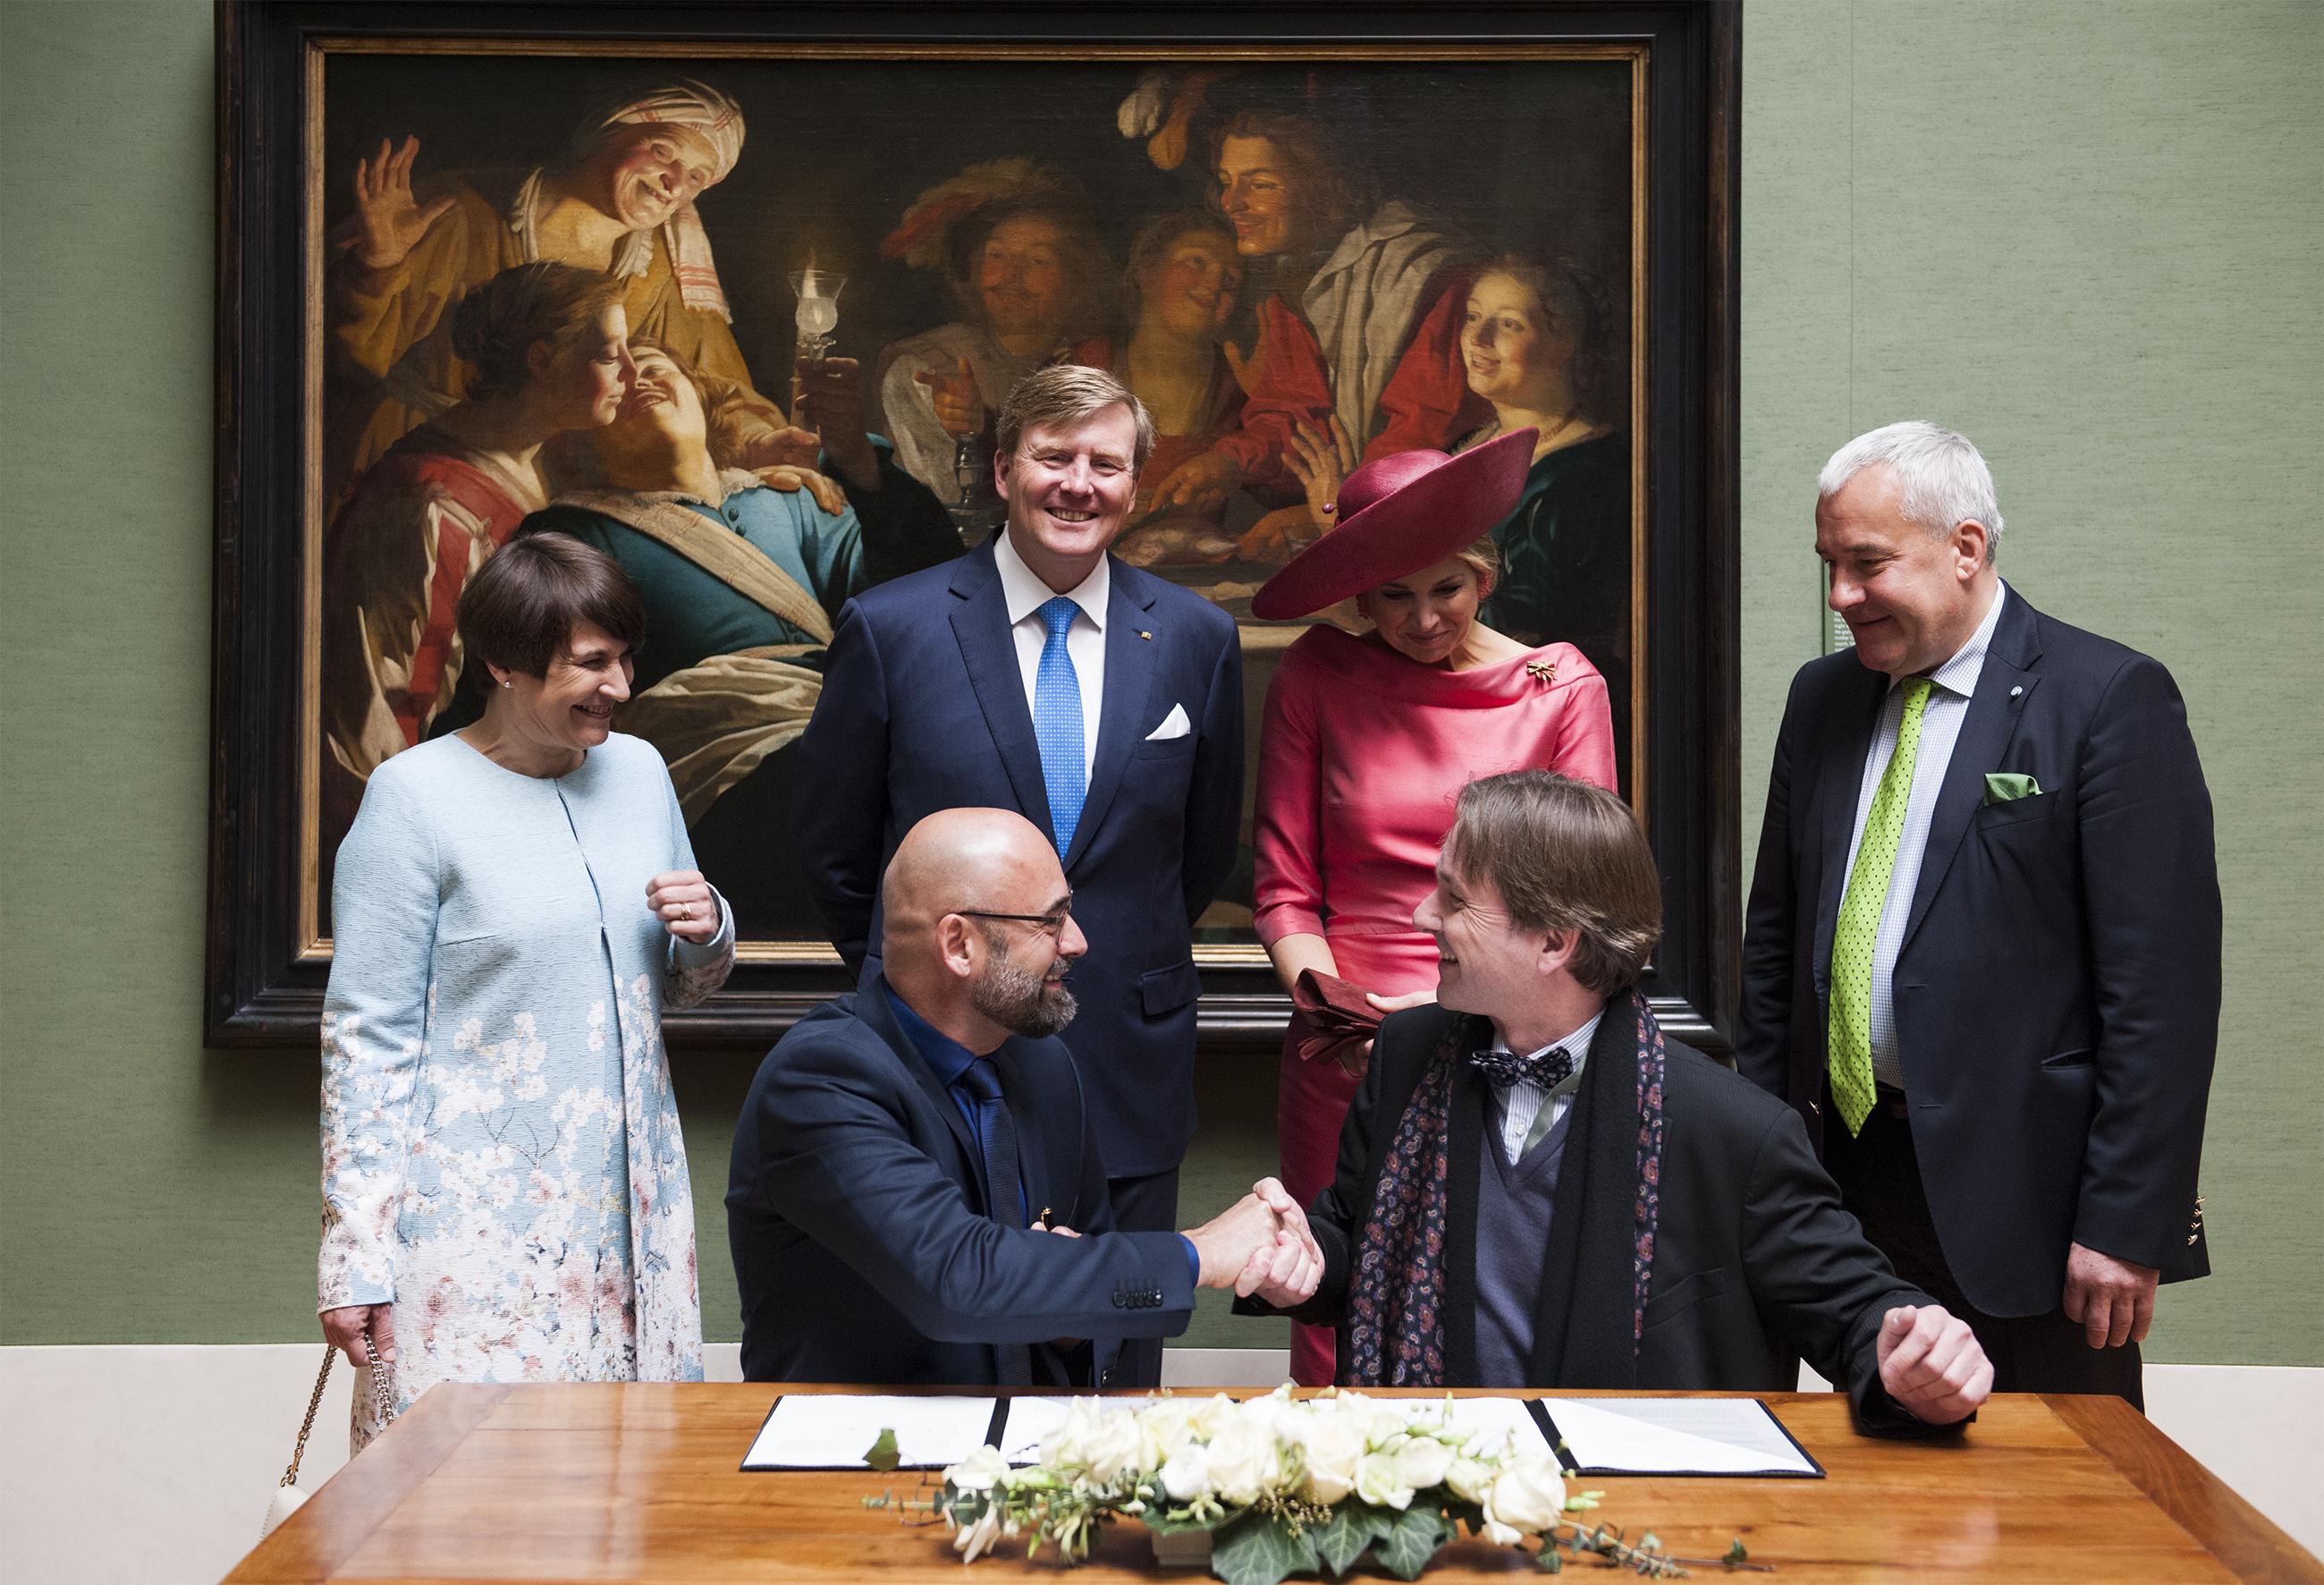 Pinakotheken Bernhard Maaz und Niederländisches Königspaar